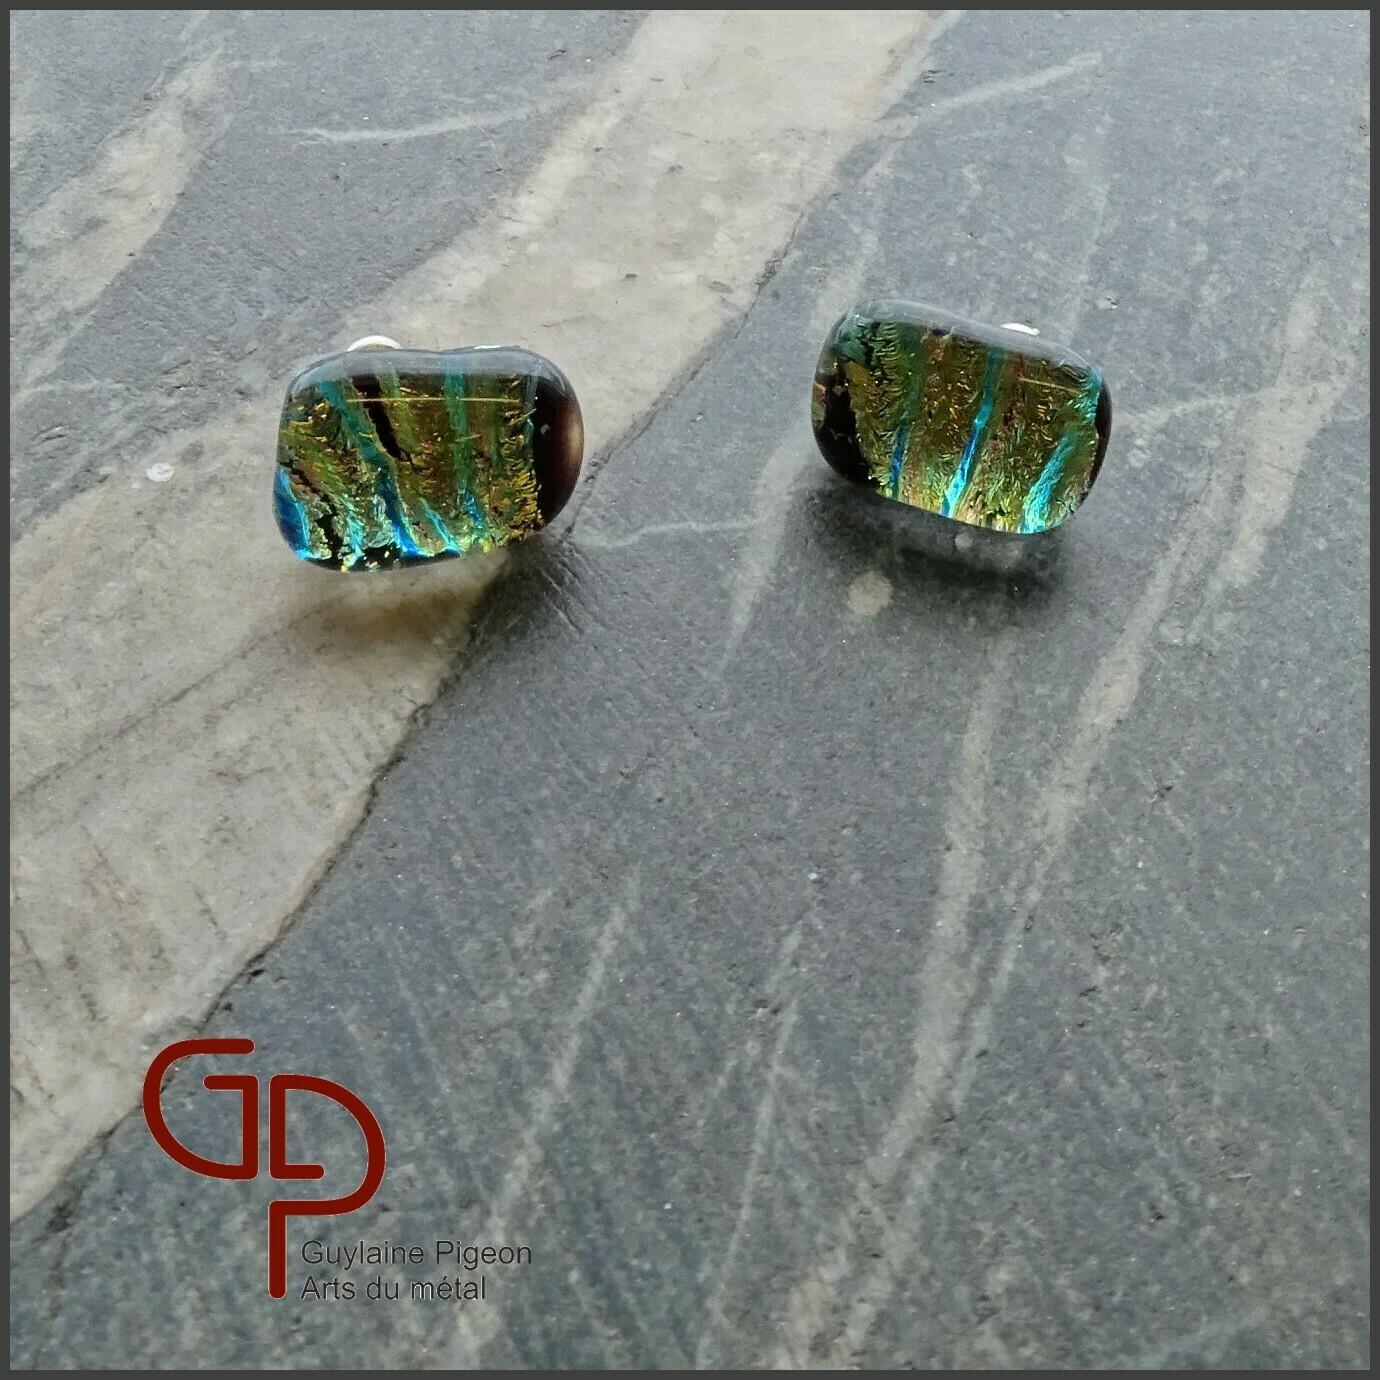 Boucles d'oreilles verre #33